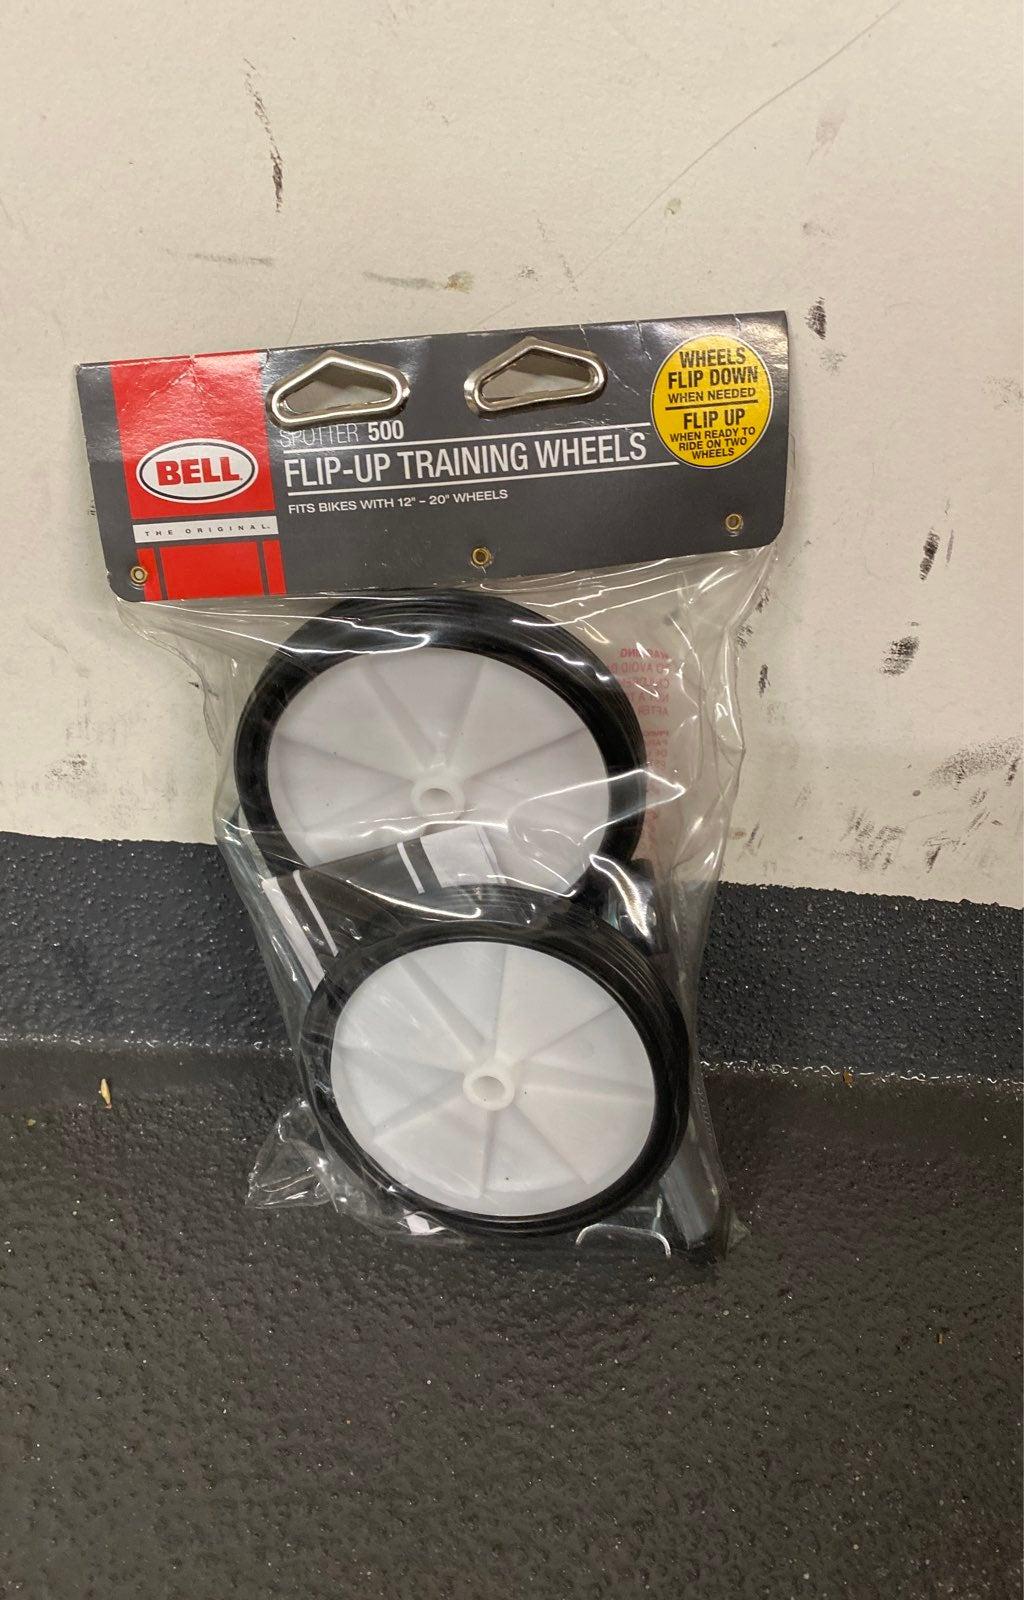 Bell flip up training wheels